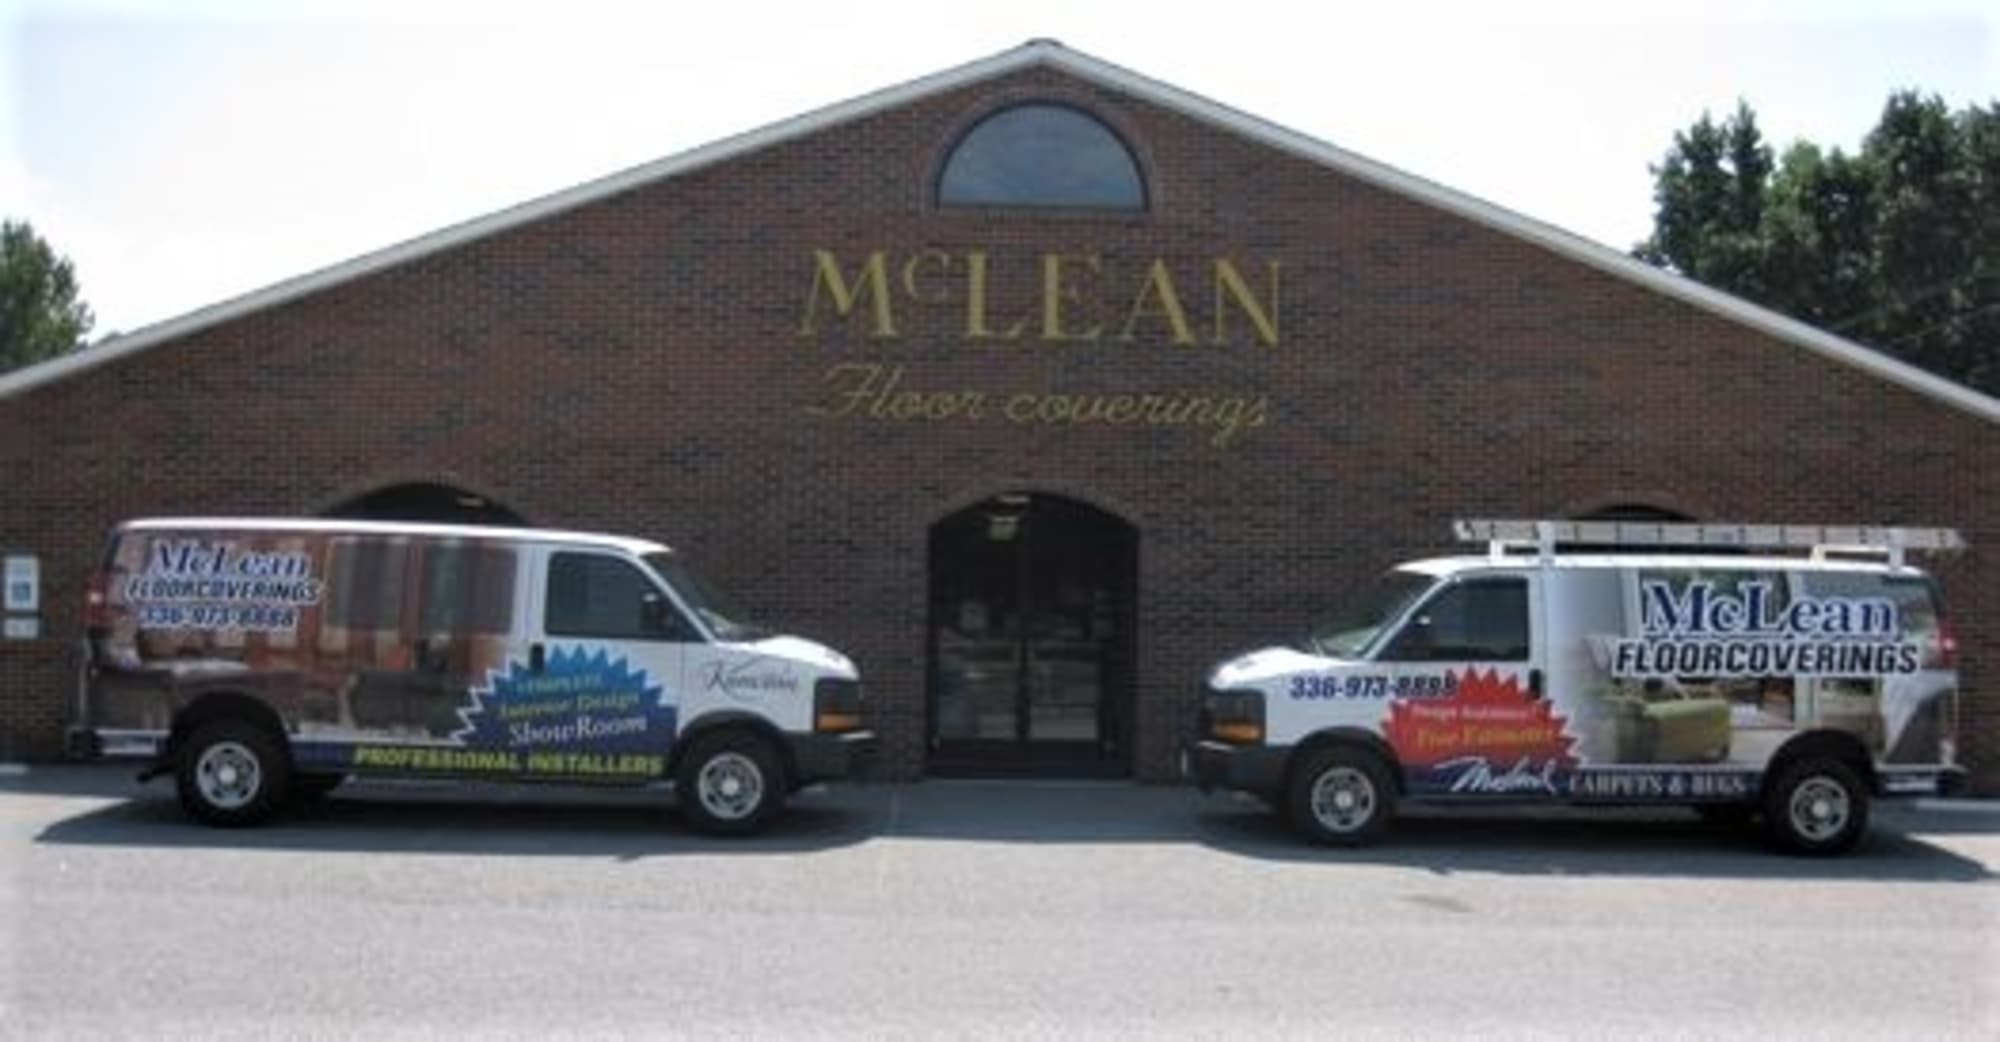 McLean Floorcoverings - 4391 US-421 Wilkesboro, NC 28697